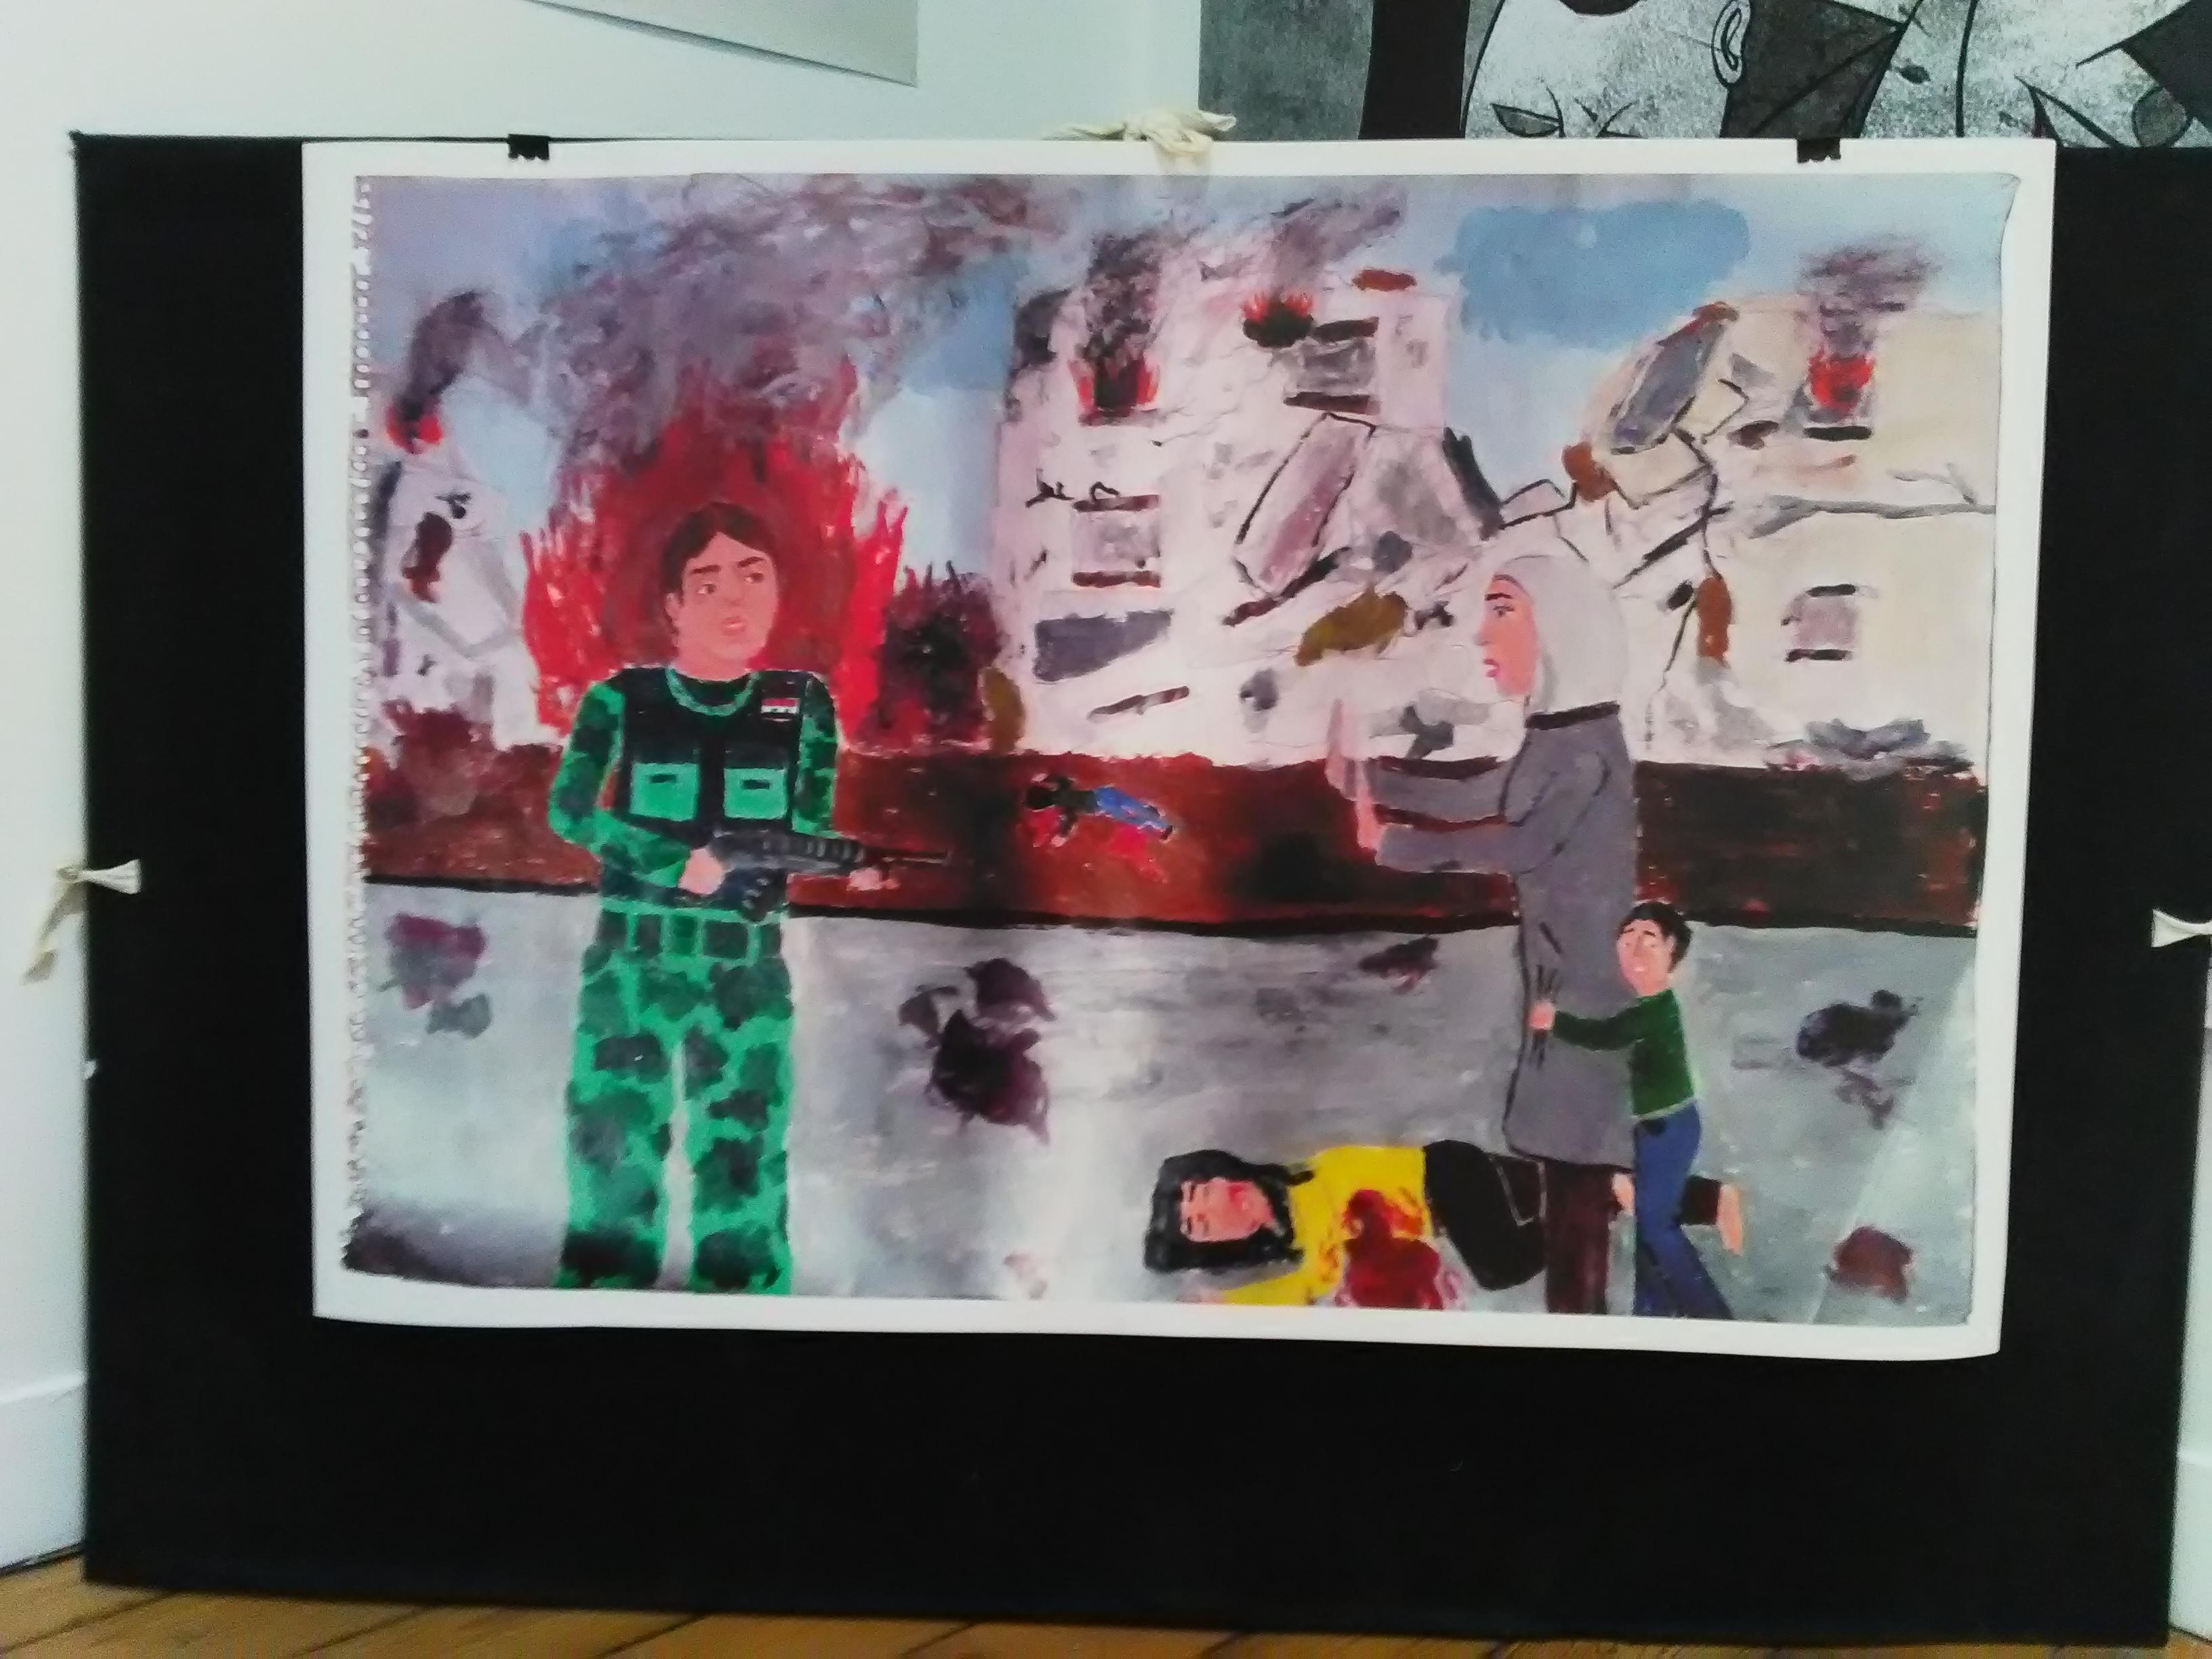 Exposition Alep Machine Crédits photographiques: Deborah Dubost-Sakhi